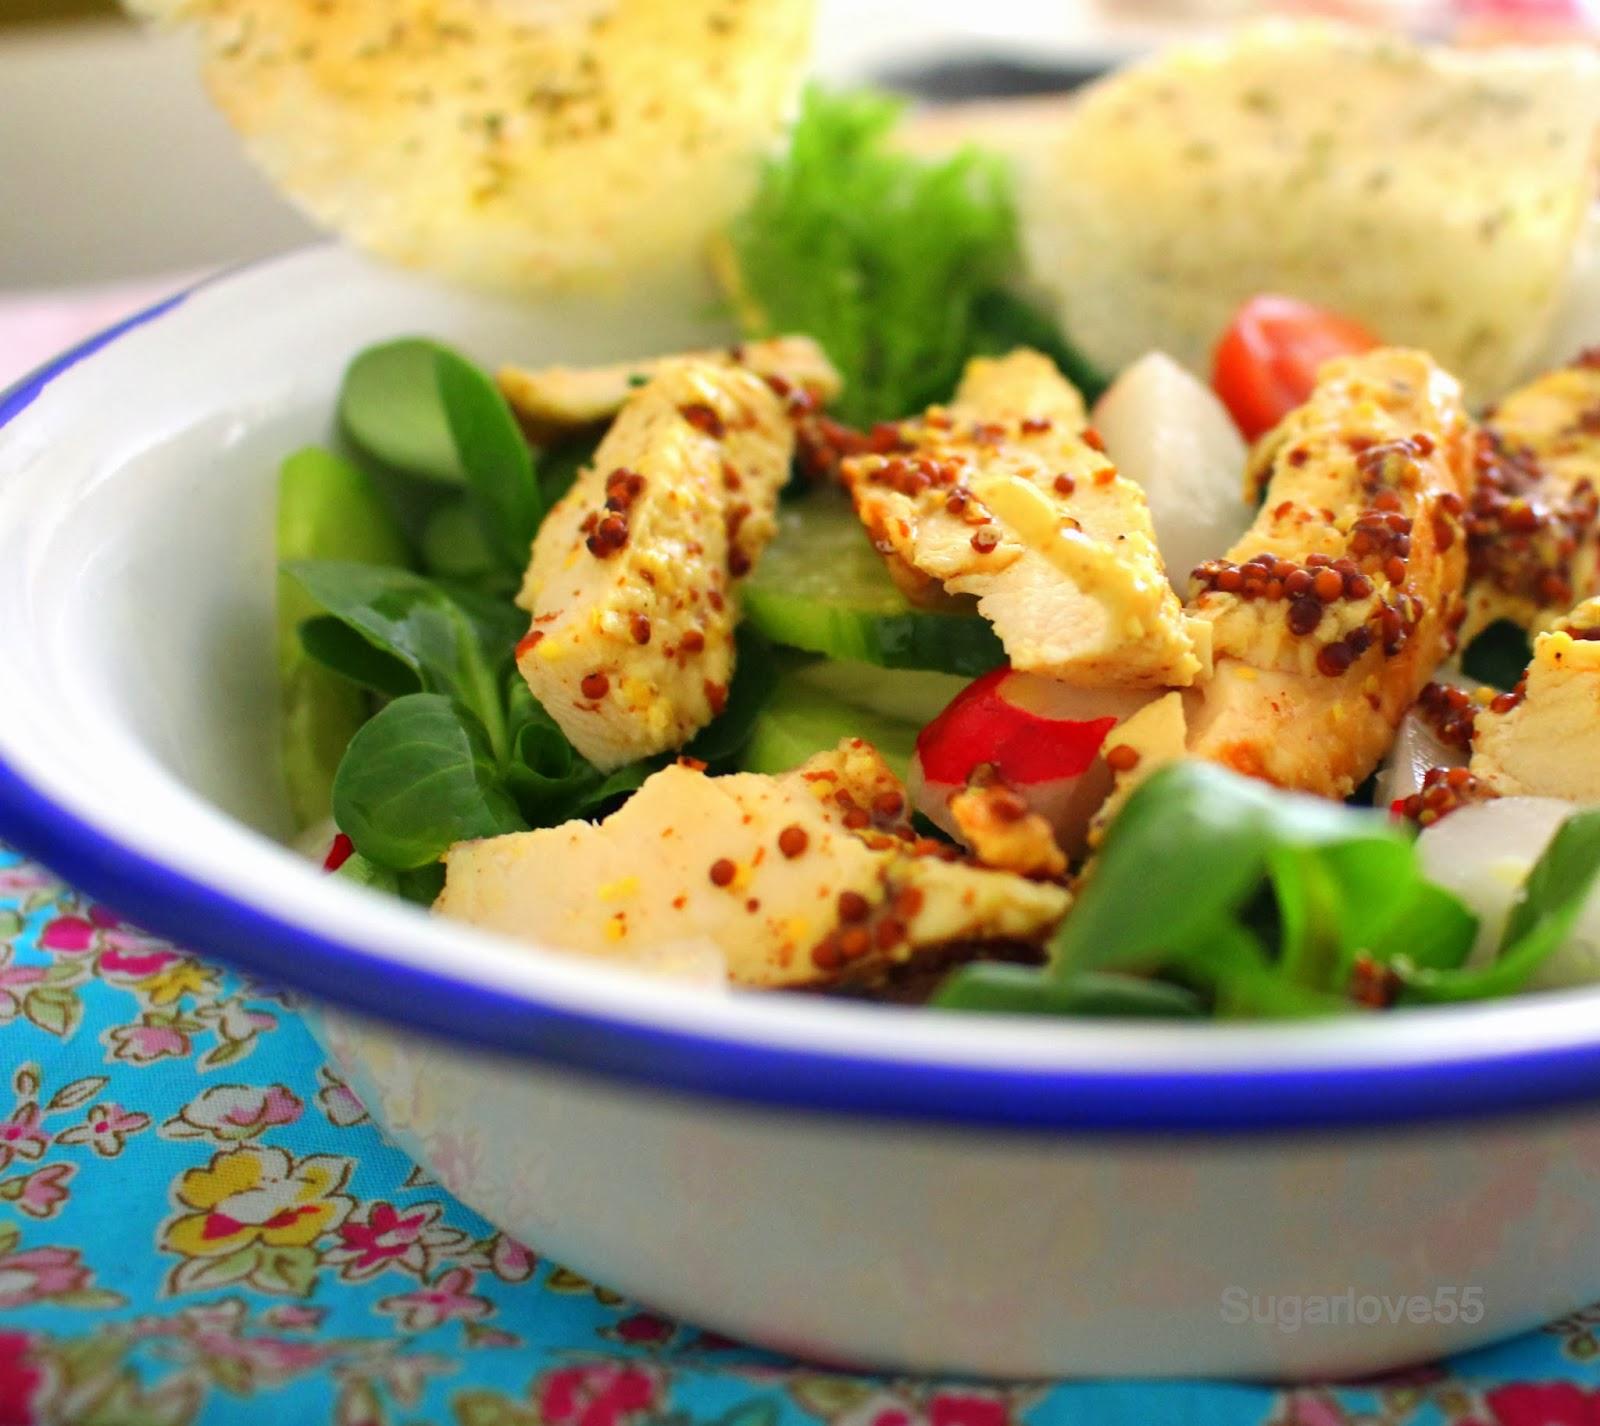 Sugarlove55 ensalada de can nigos con pollo a la mostaza - Ensaladas con canonigos ...